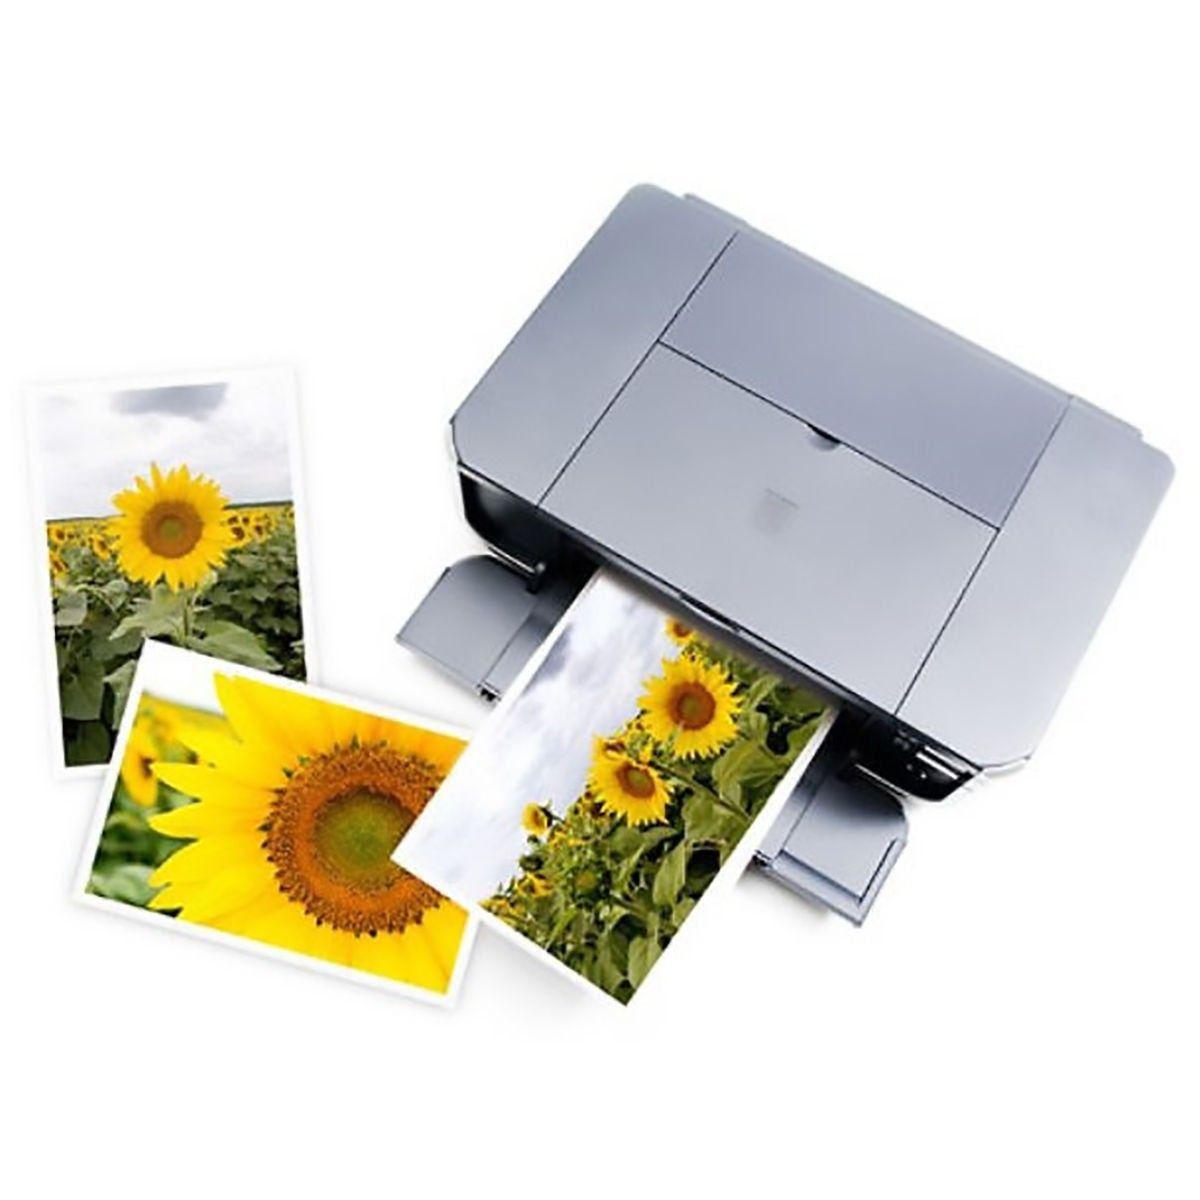 Papel Fotográfico A4 150g Glossy Branco Brilhante Resistente à Água / 50 folhas